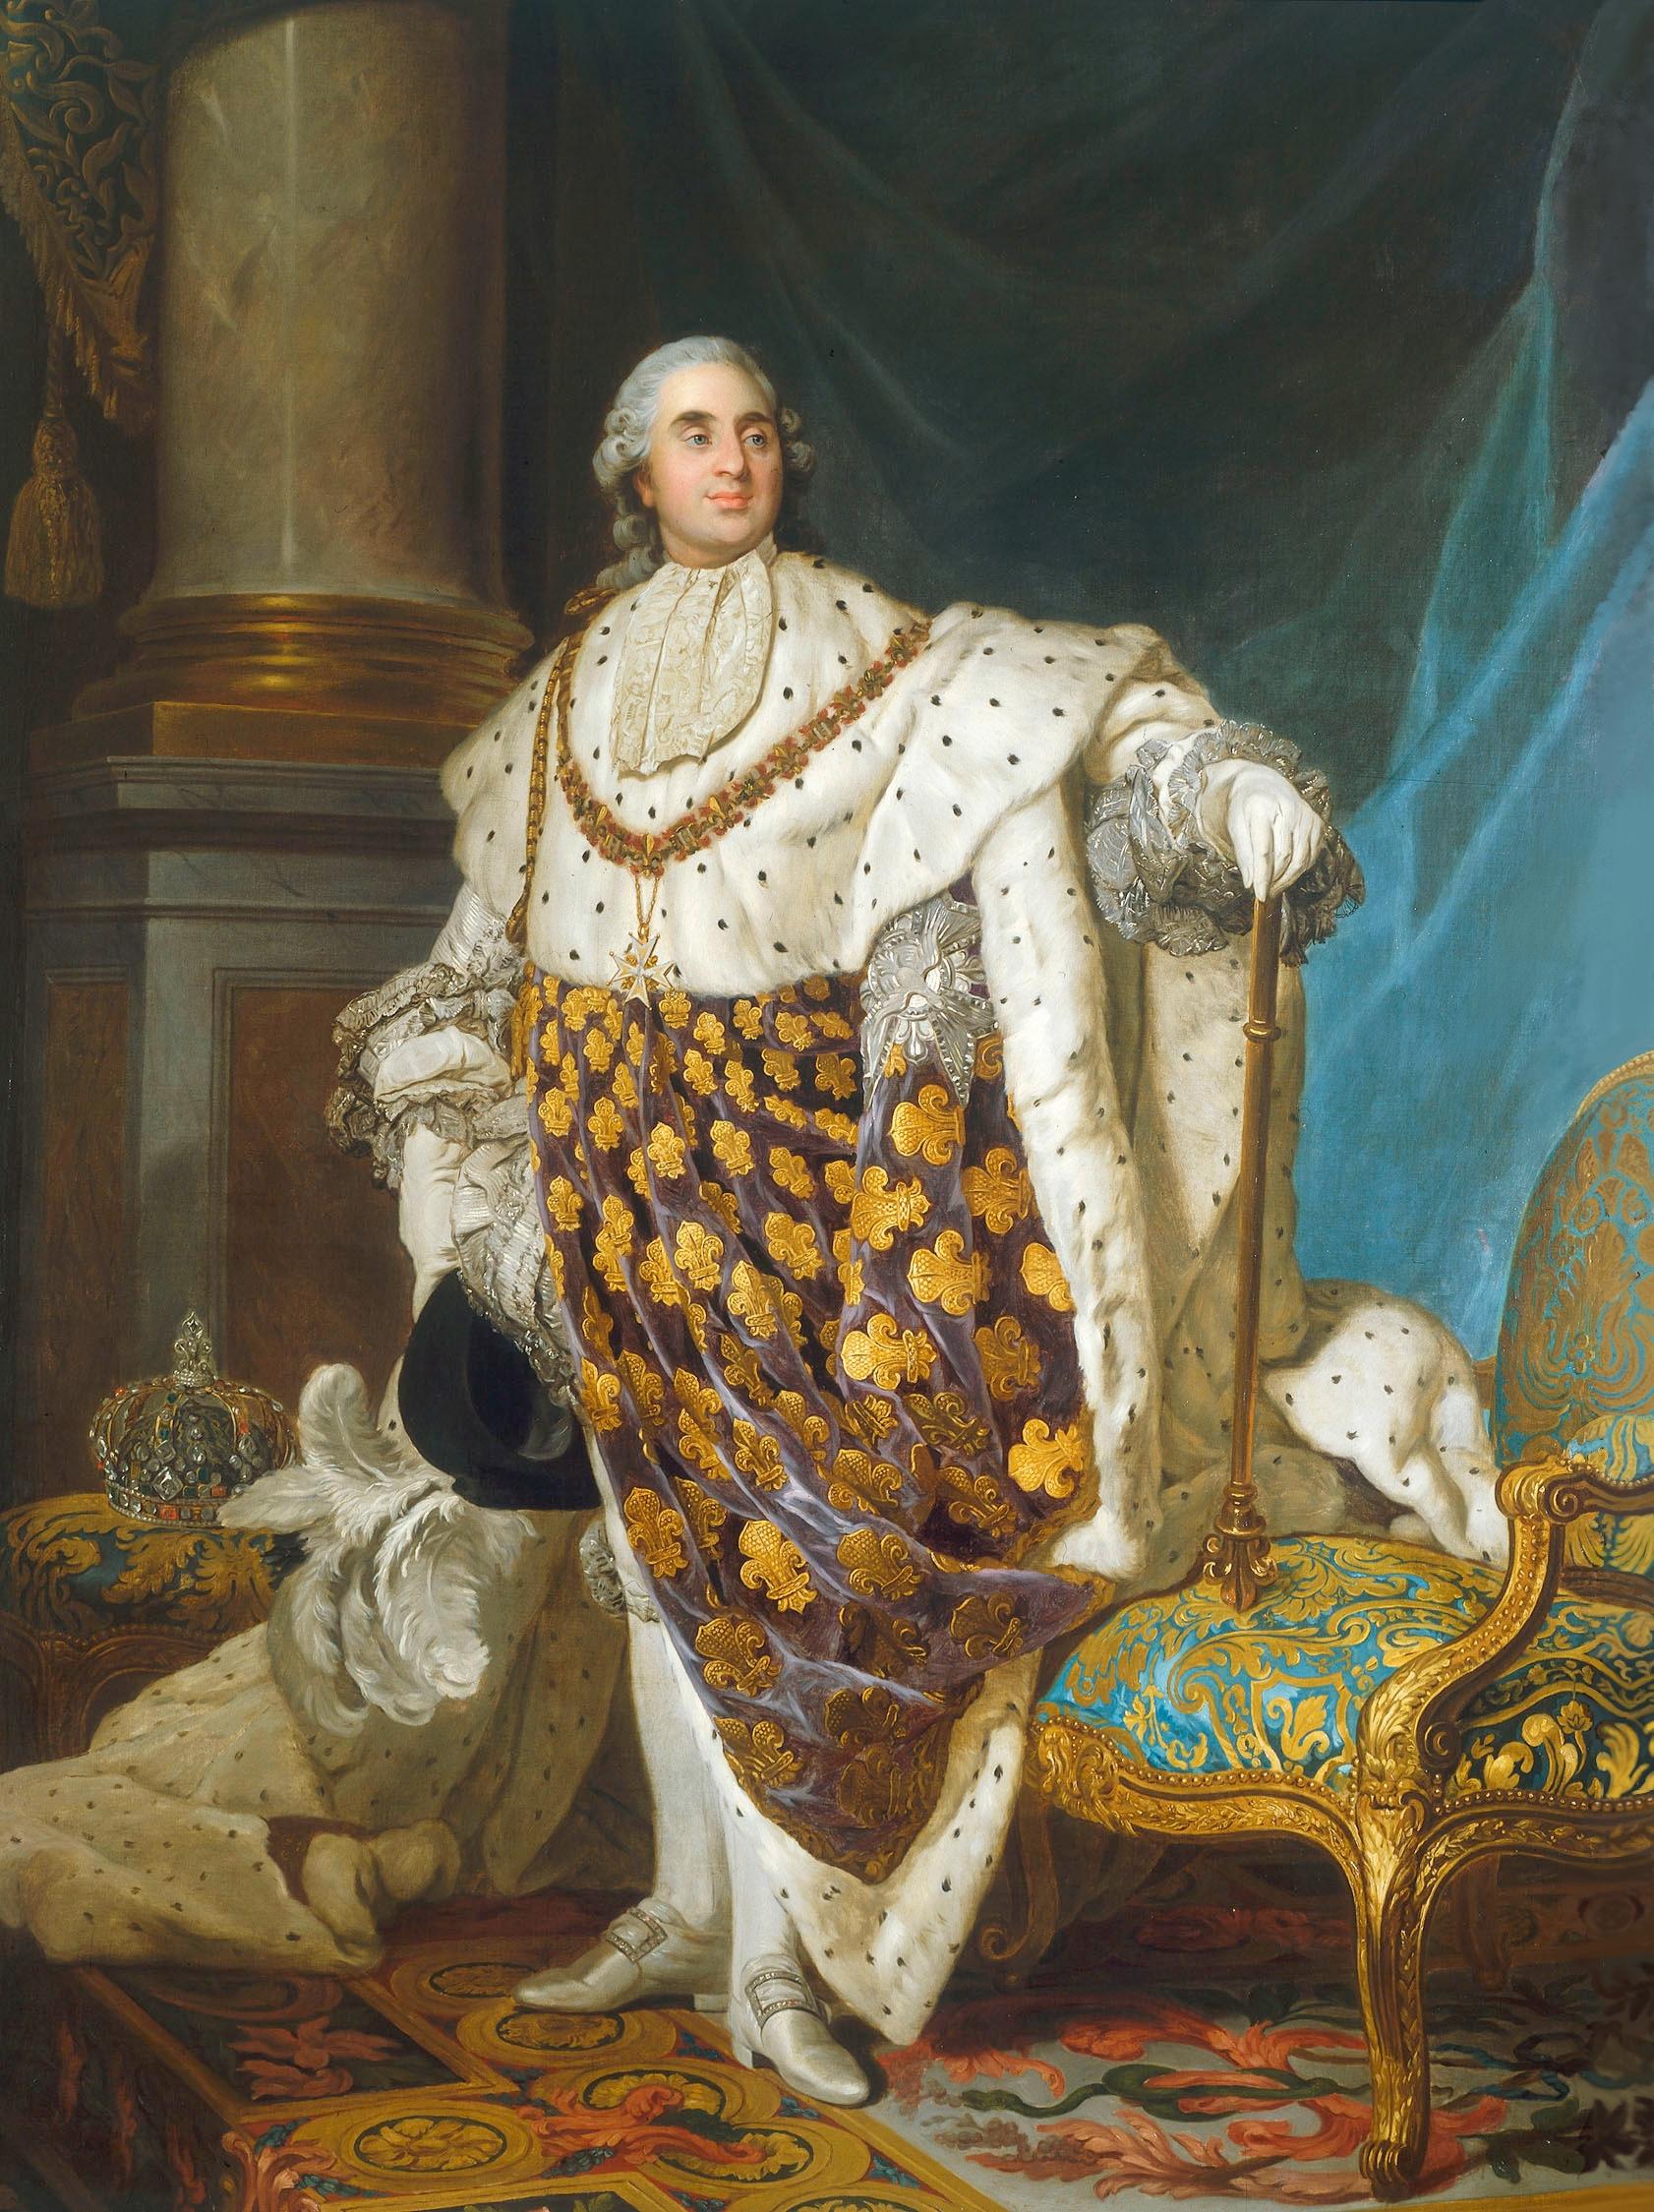 Fichier:Louis XVI en costume de sacre - Joseph-Siffred Duplessis.jpg —  Wikipédia